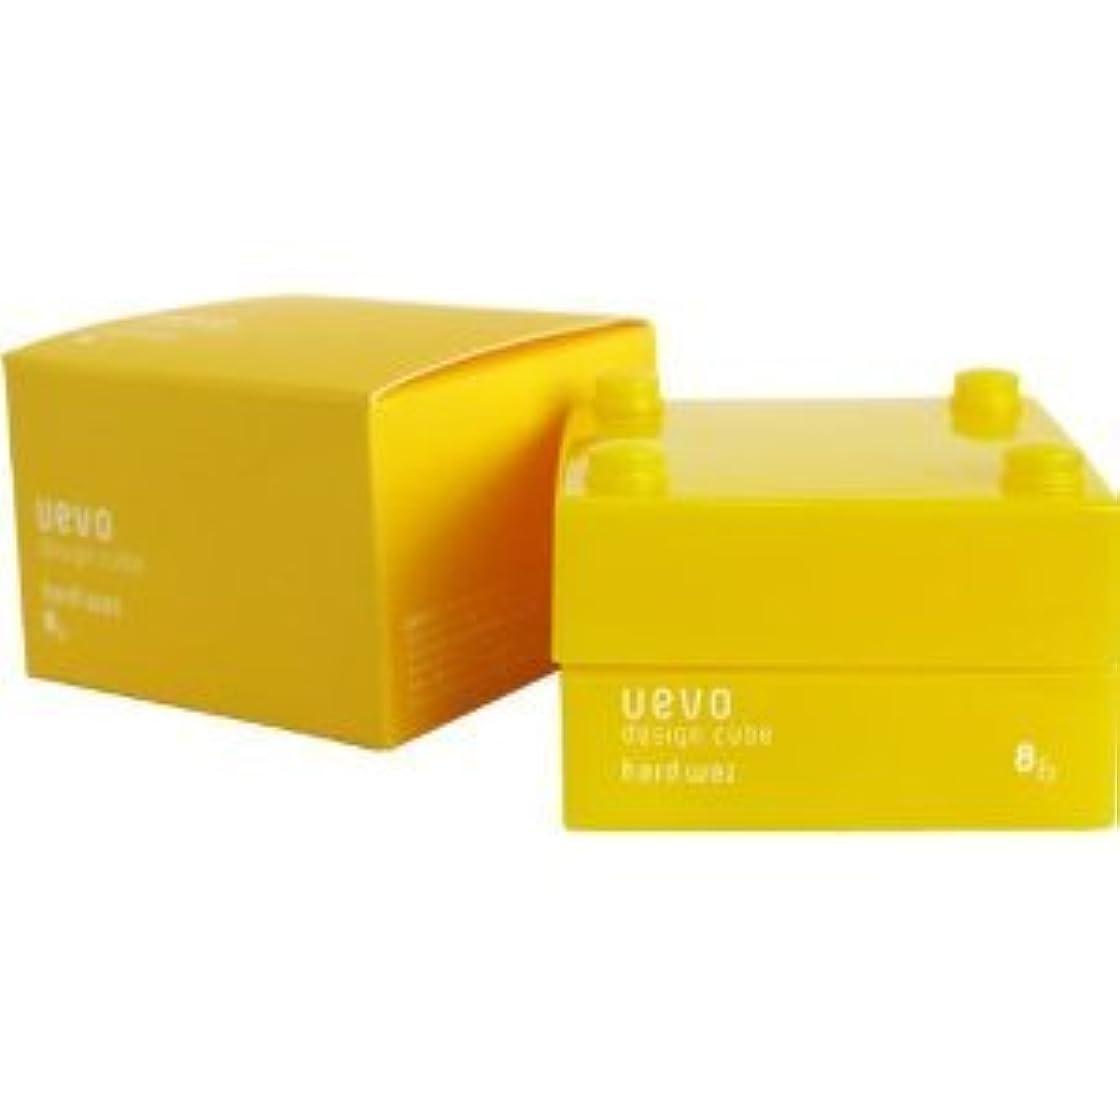 急降下倒産スラム街【X2個セット】 デミ ウェーボ デザインキューブ ハードワックス 30g hard wax DEMI uevo design cube